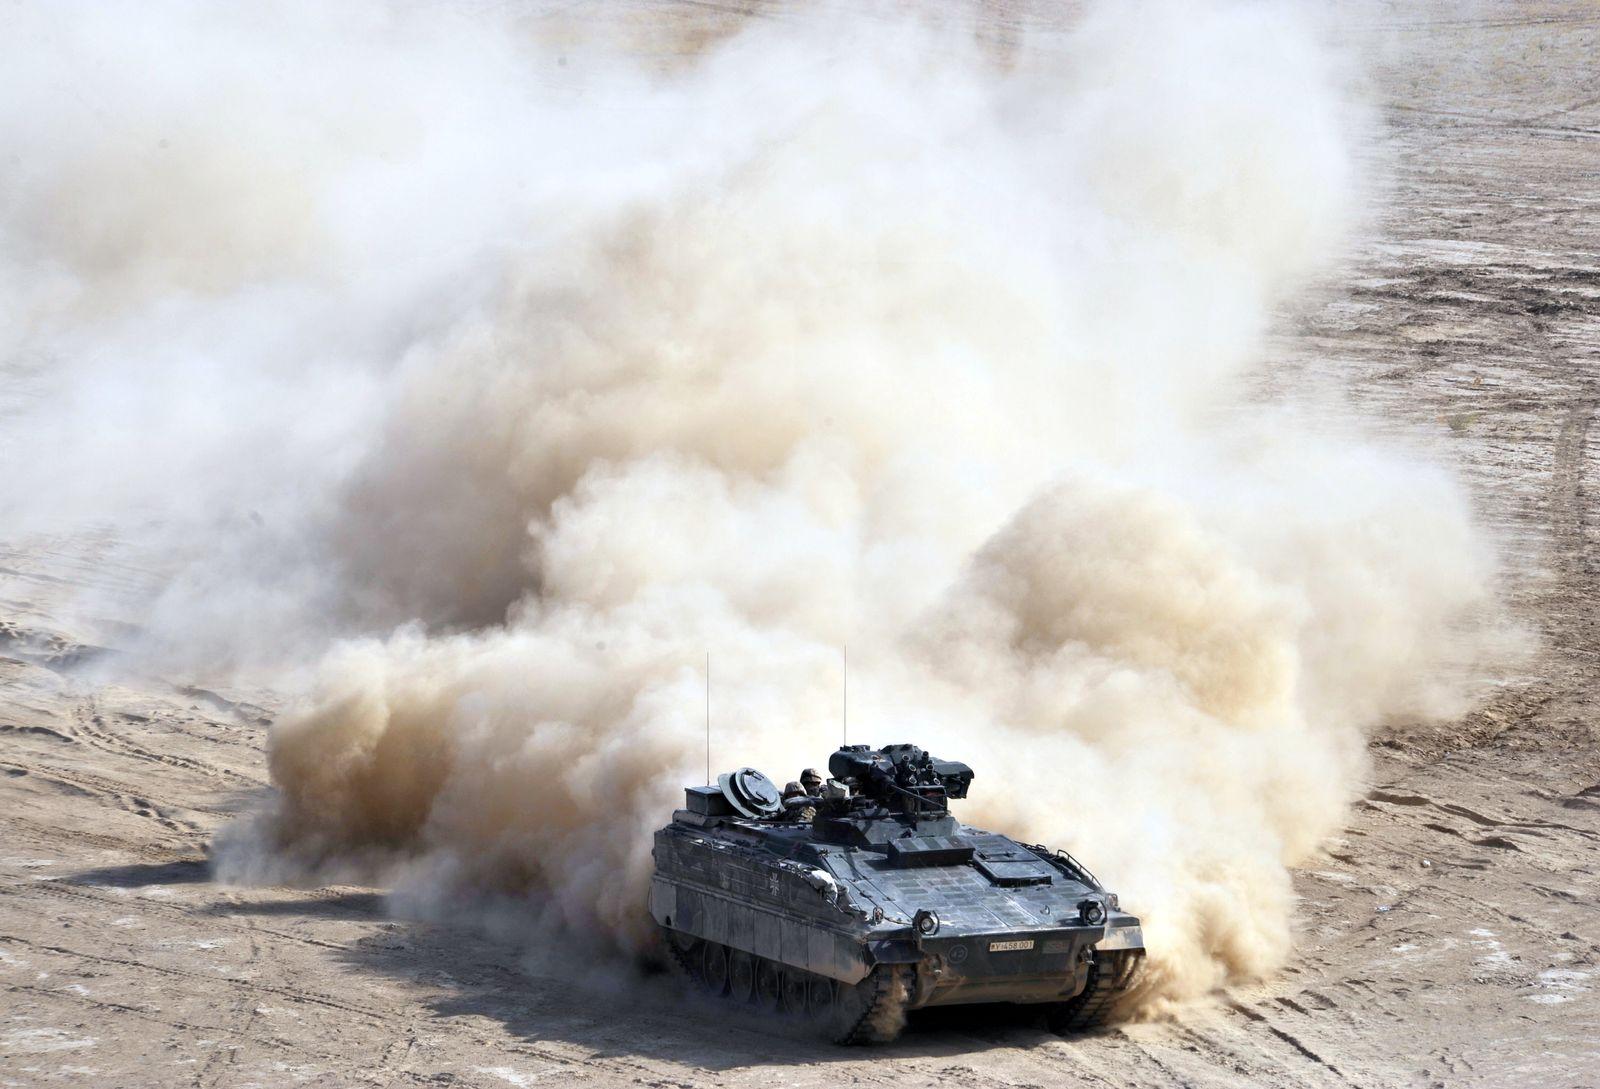 NICHT VERWENDEN Afghanistan/Bundeswehr/Internationales/Militaer